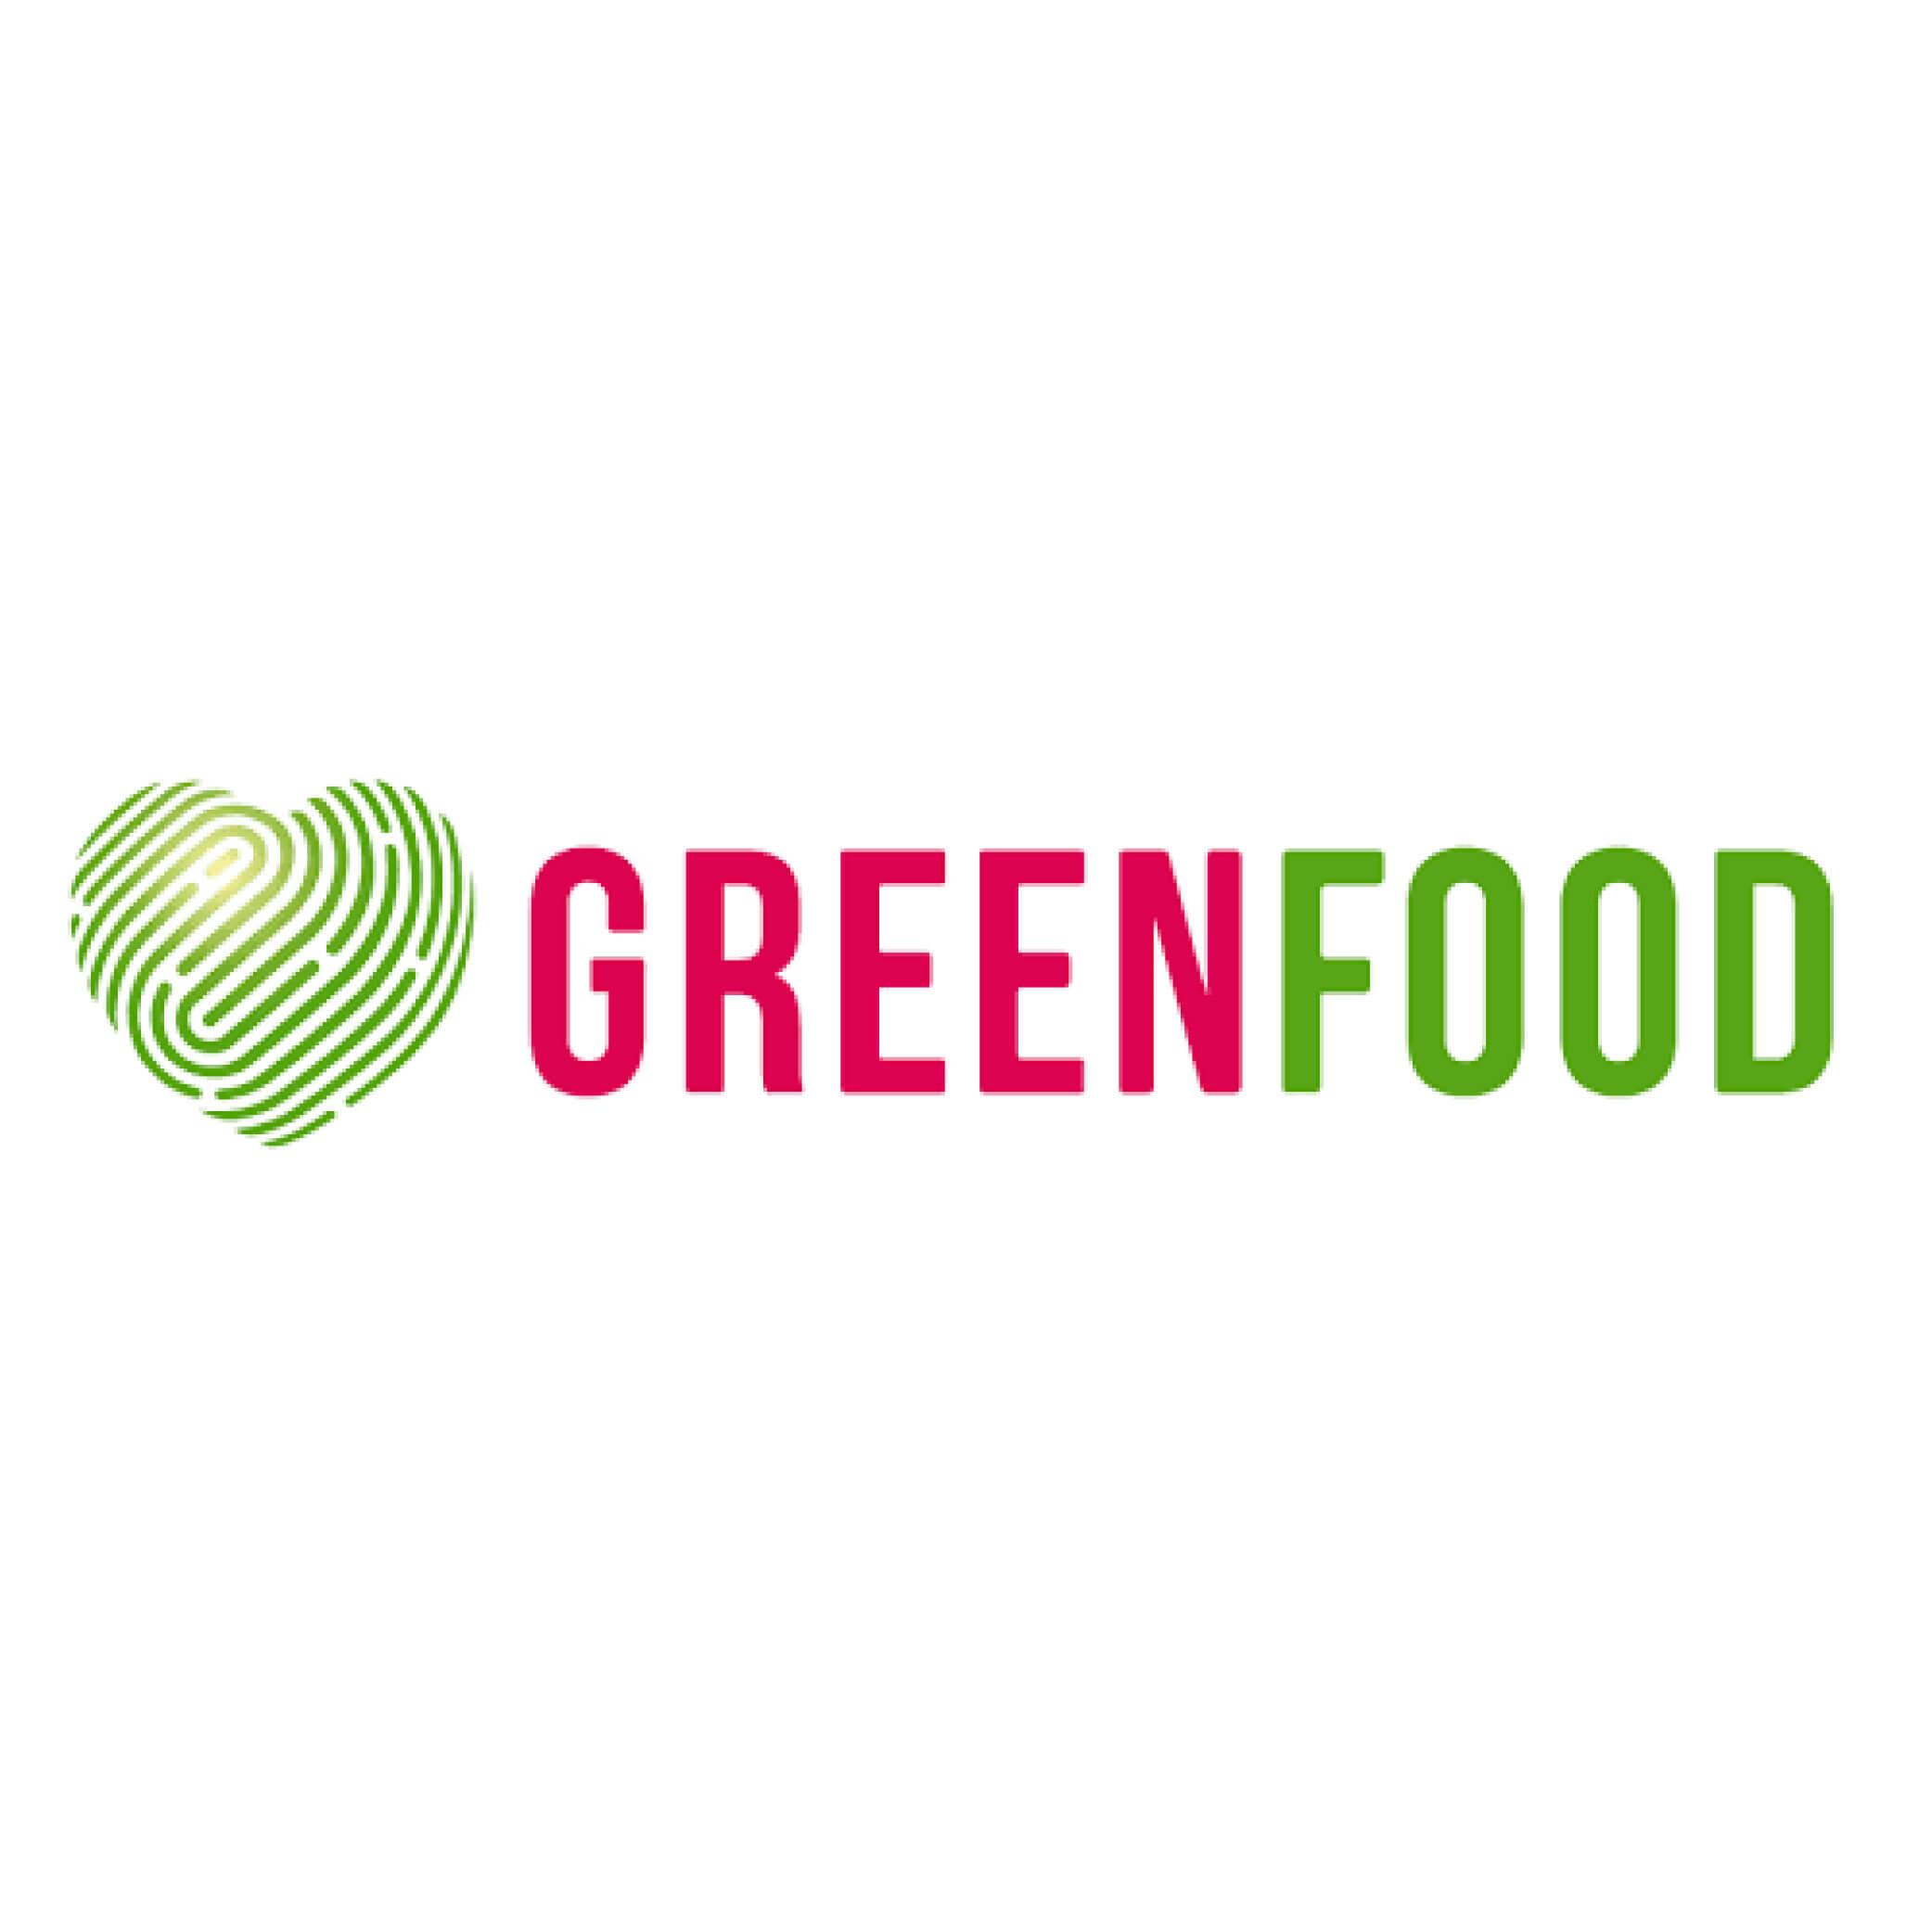 GreenFood - Referenser